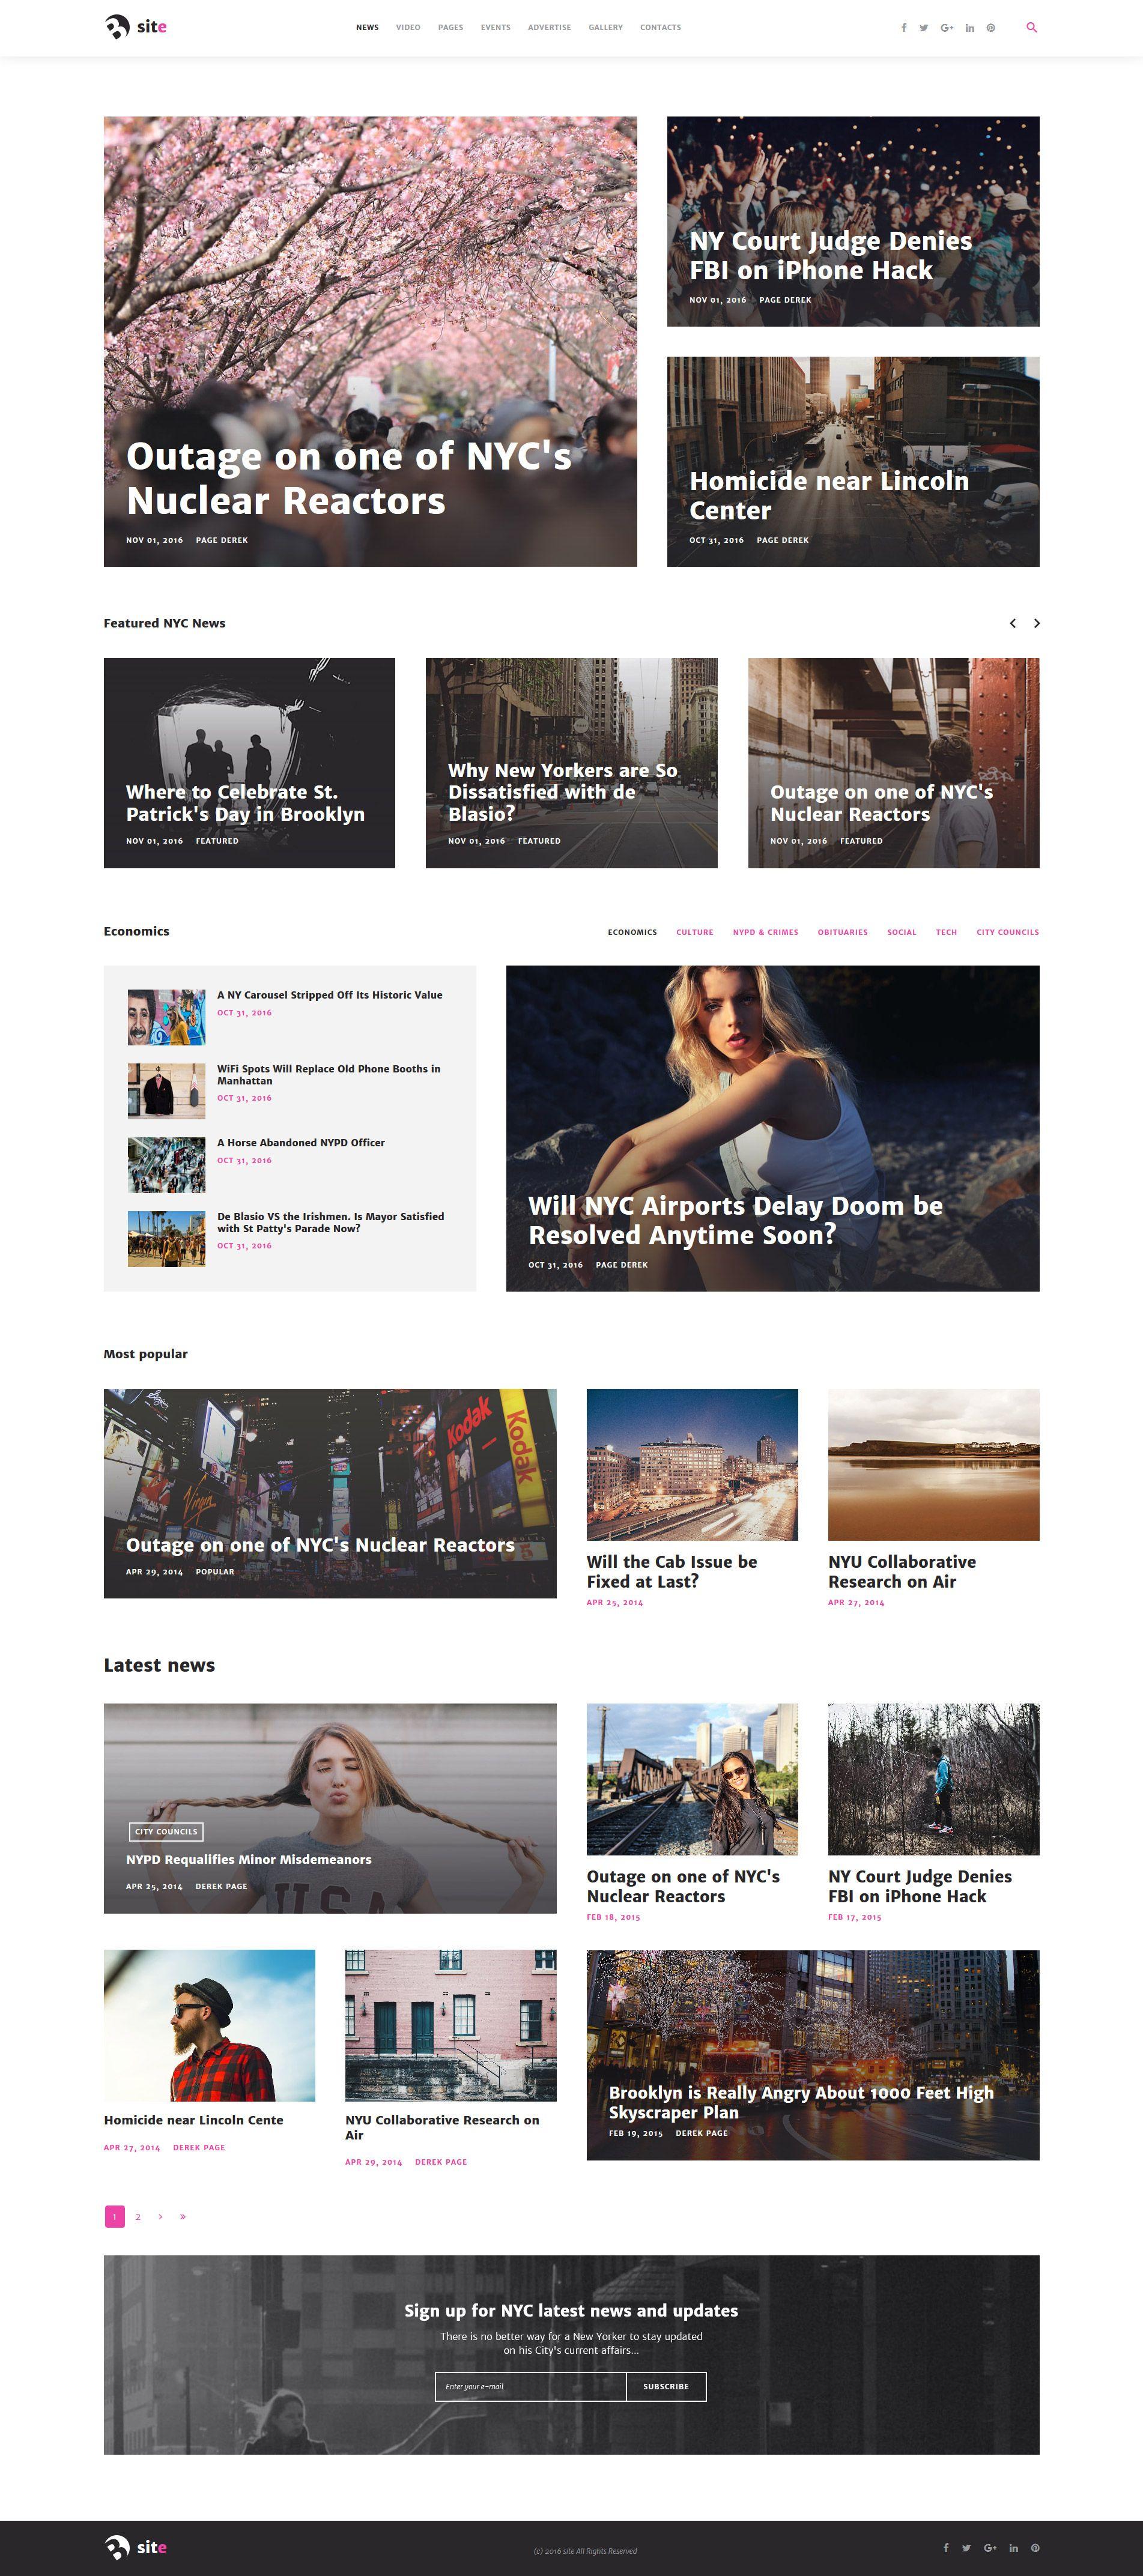 Bsite News Portal Responsive Joomla Template Pinterest - News website design template